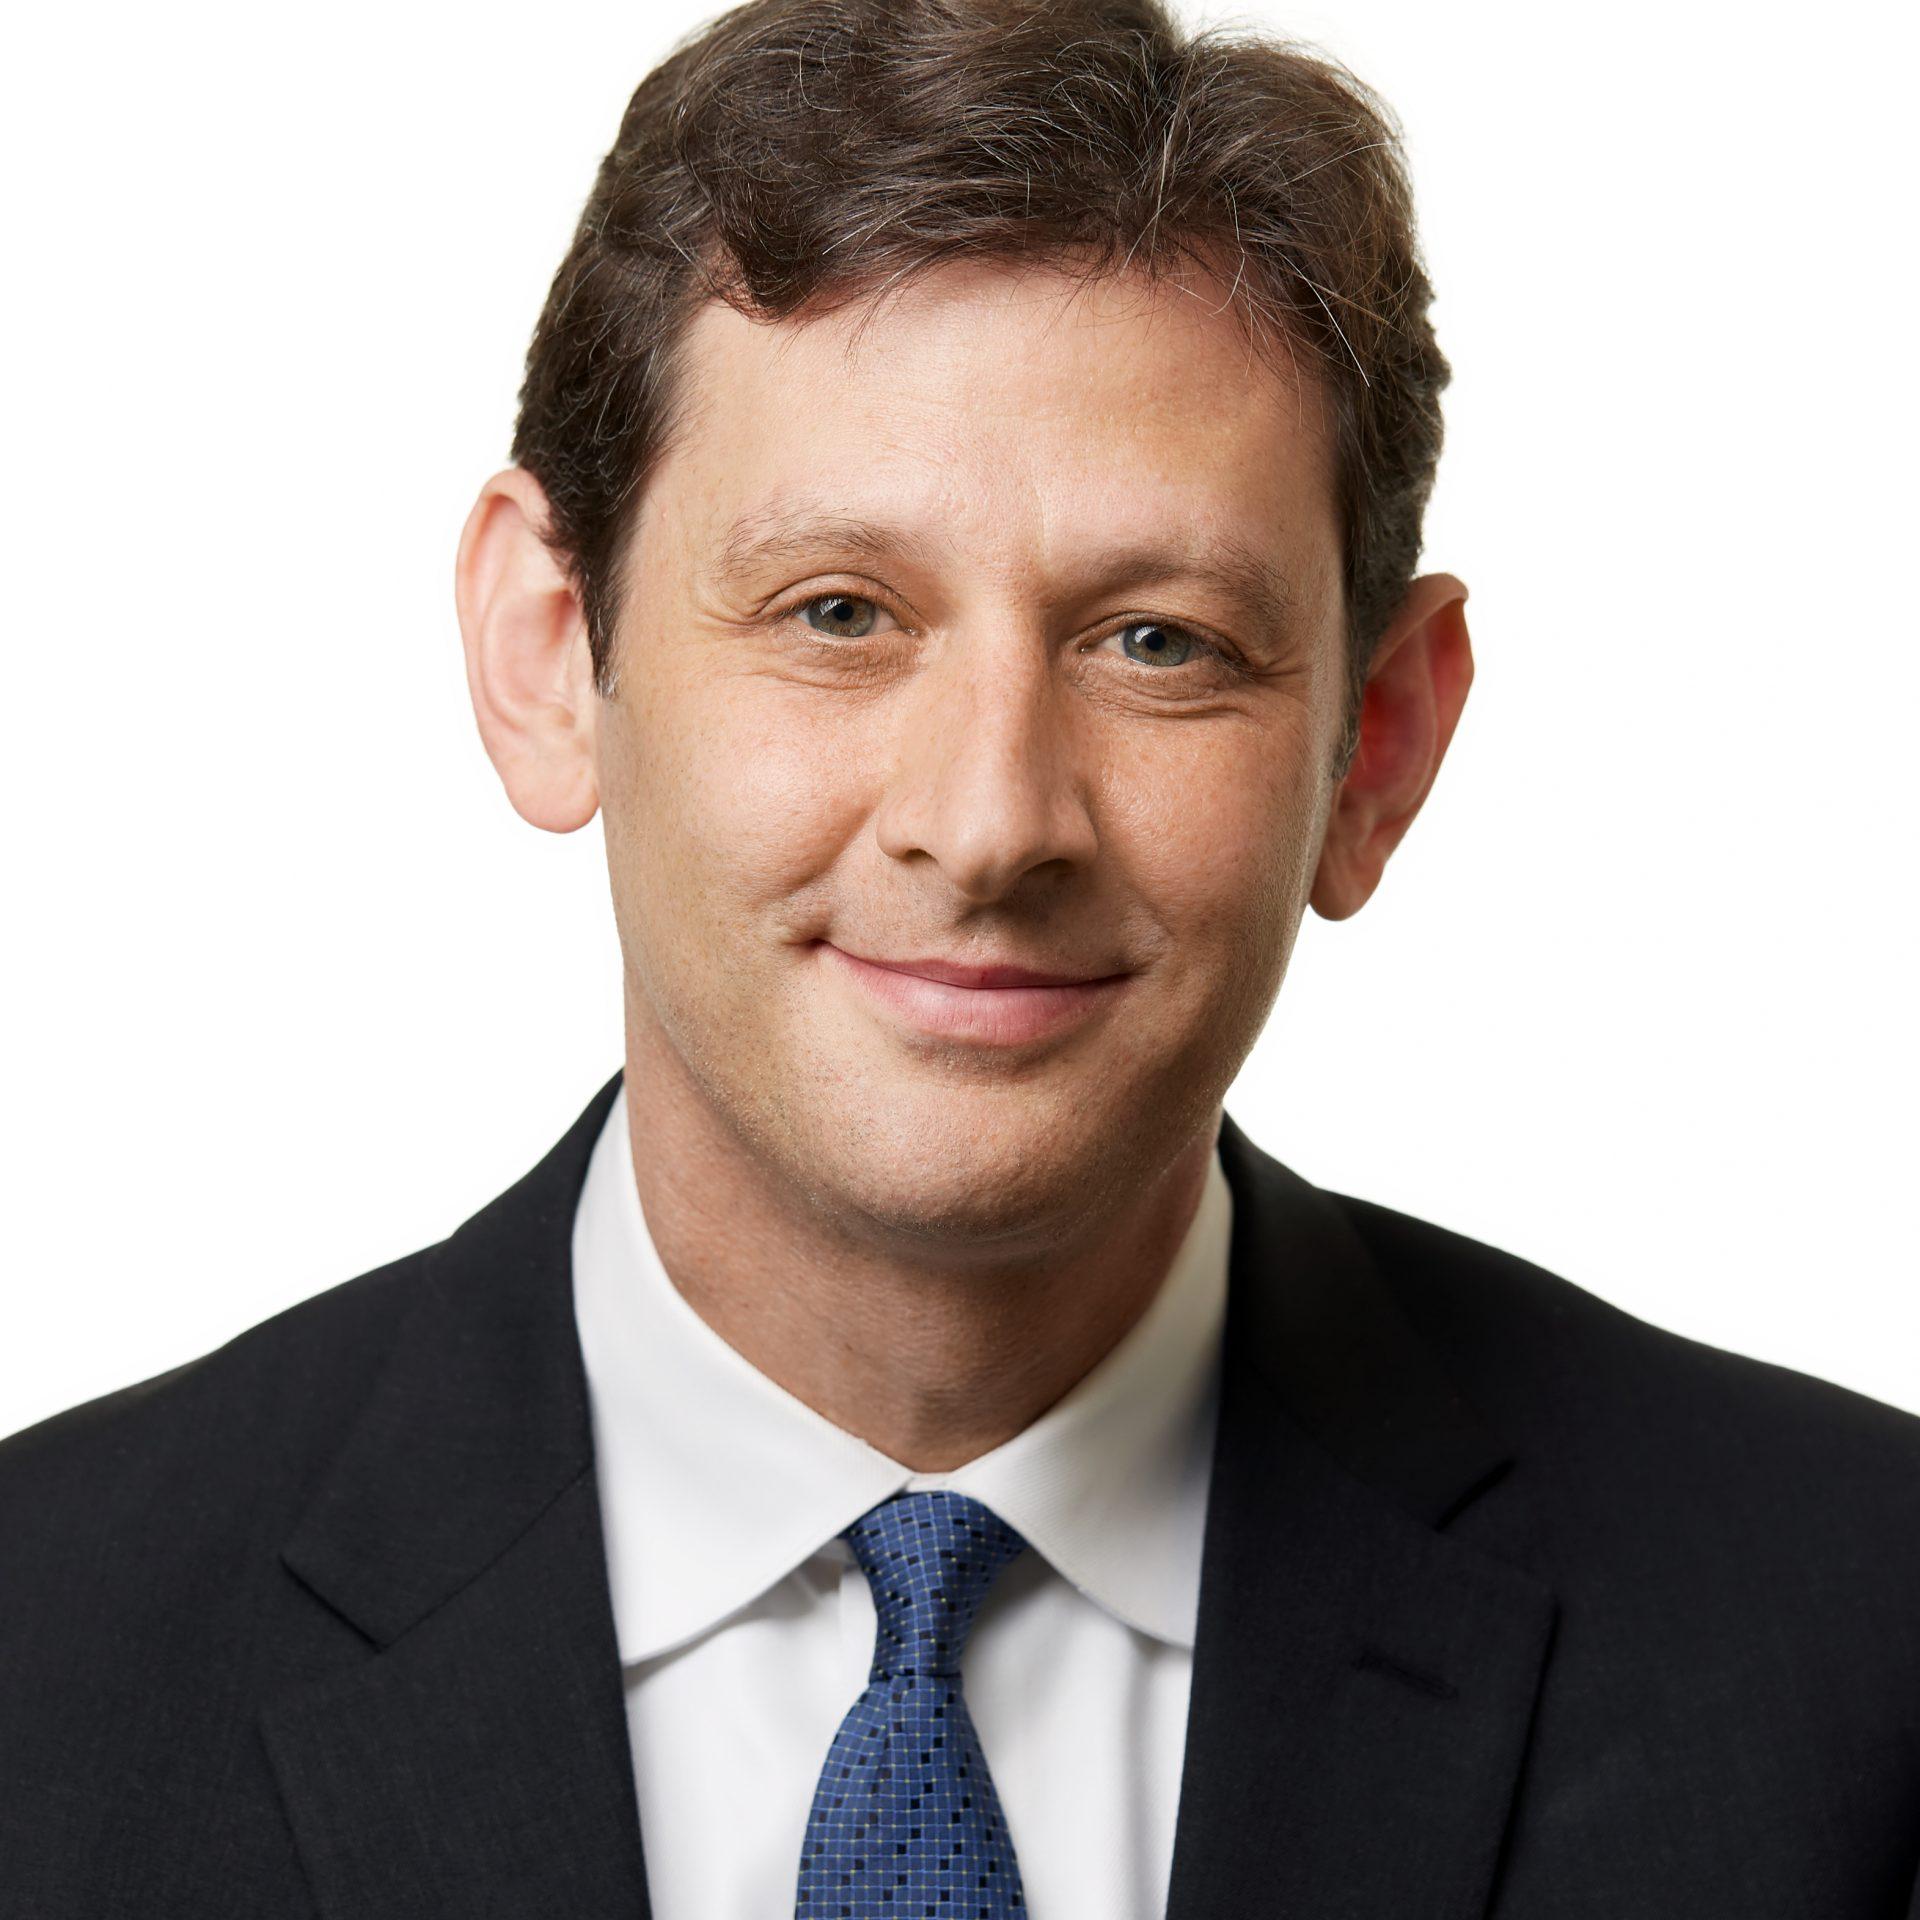 Attorney Todd Spivak